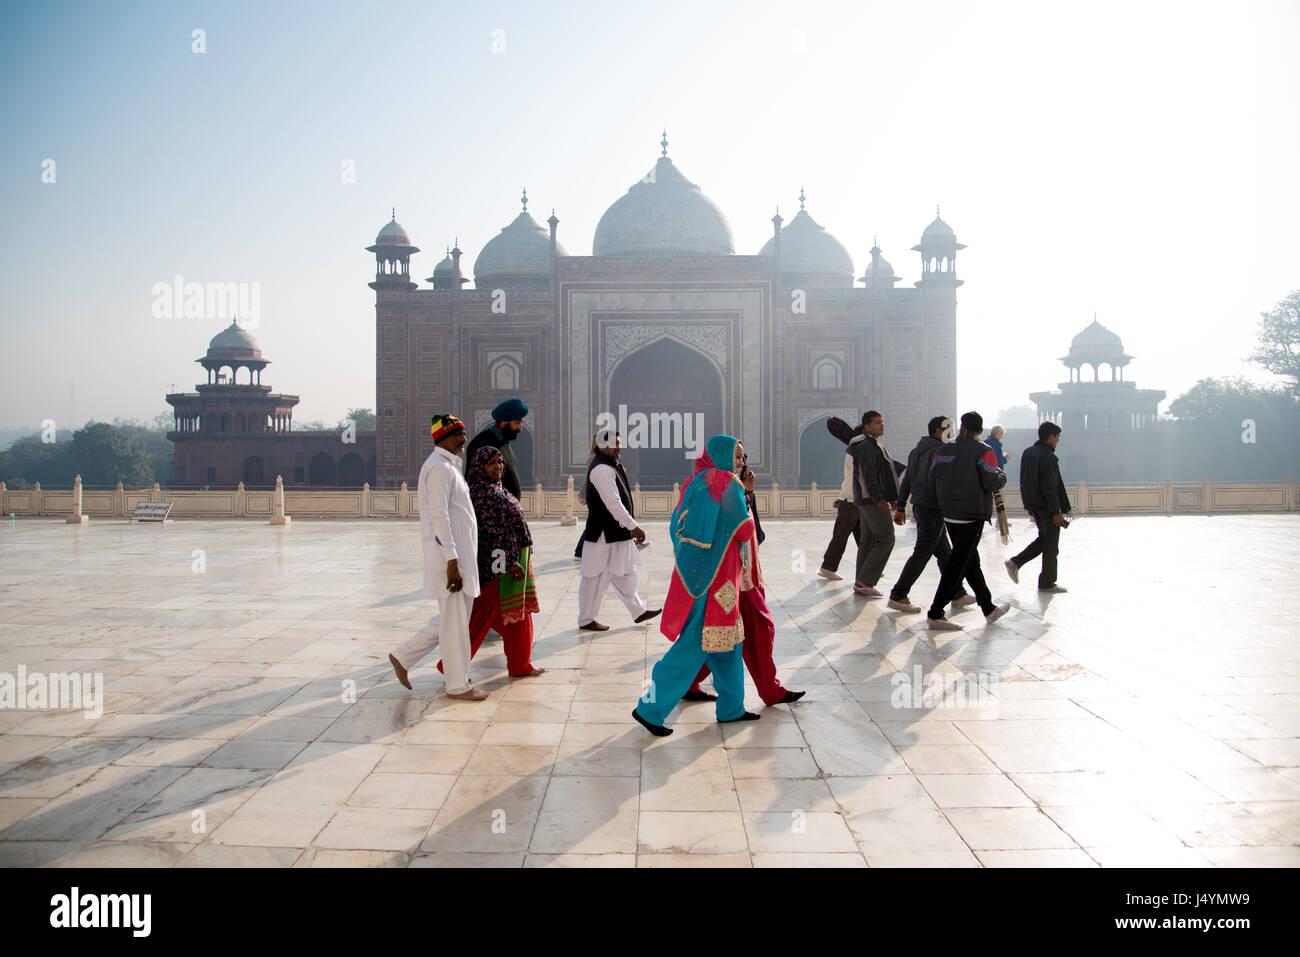 Gruppo di turisti in vestiti colorati al Taj Mahal complesso in Agra, India Immagini Stock